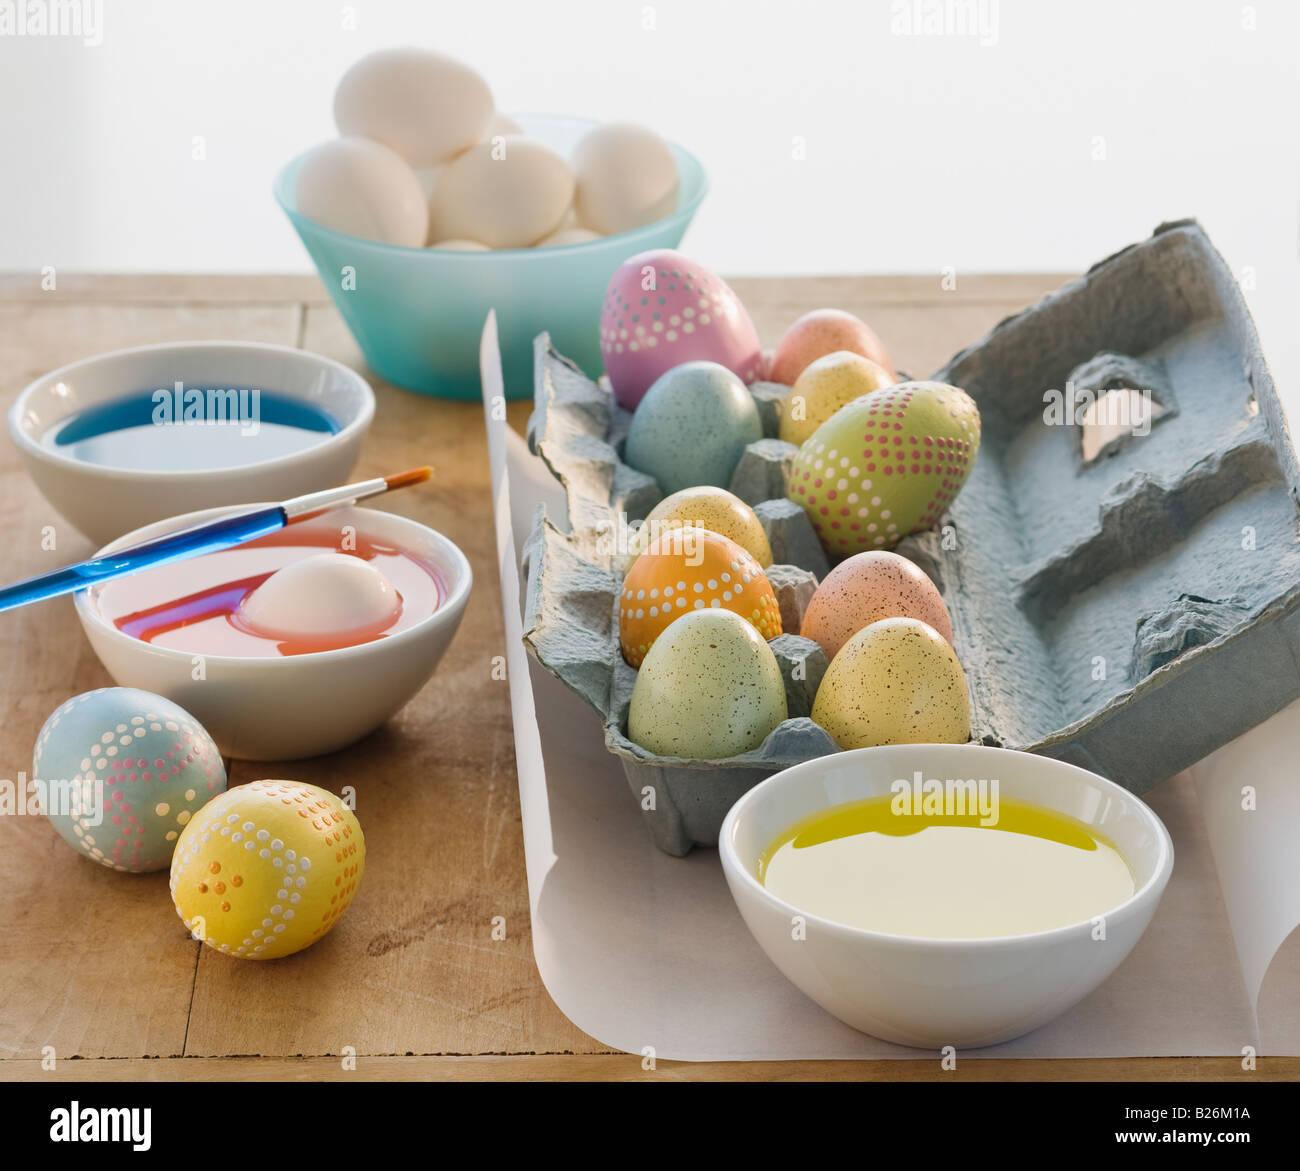 Dekorierten Eiern neben Schüsseln mit Farbstoff Stockbild